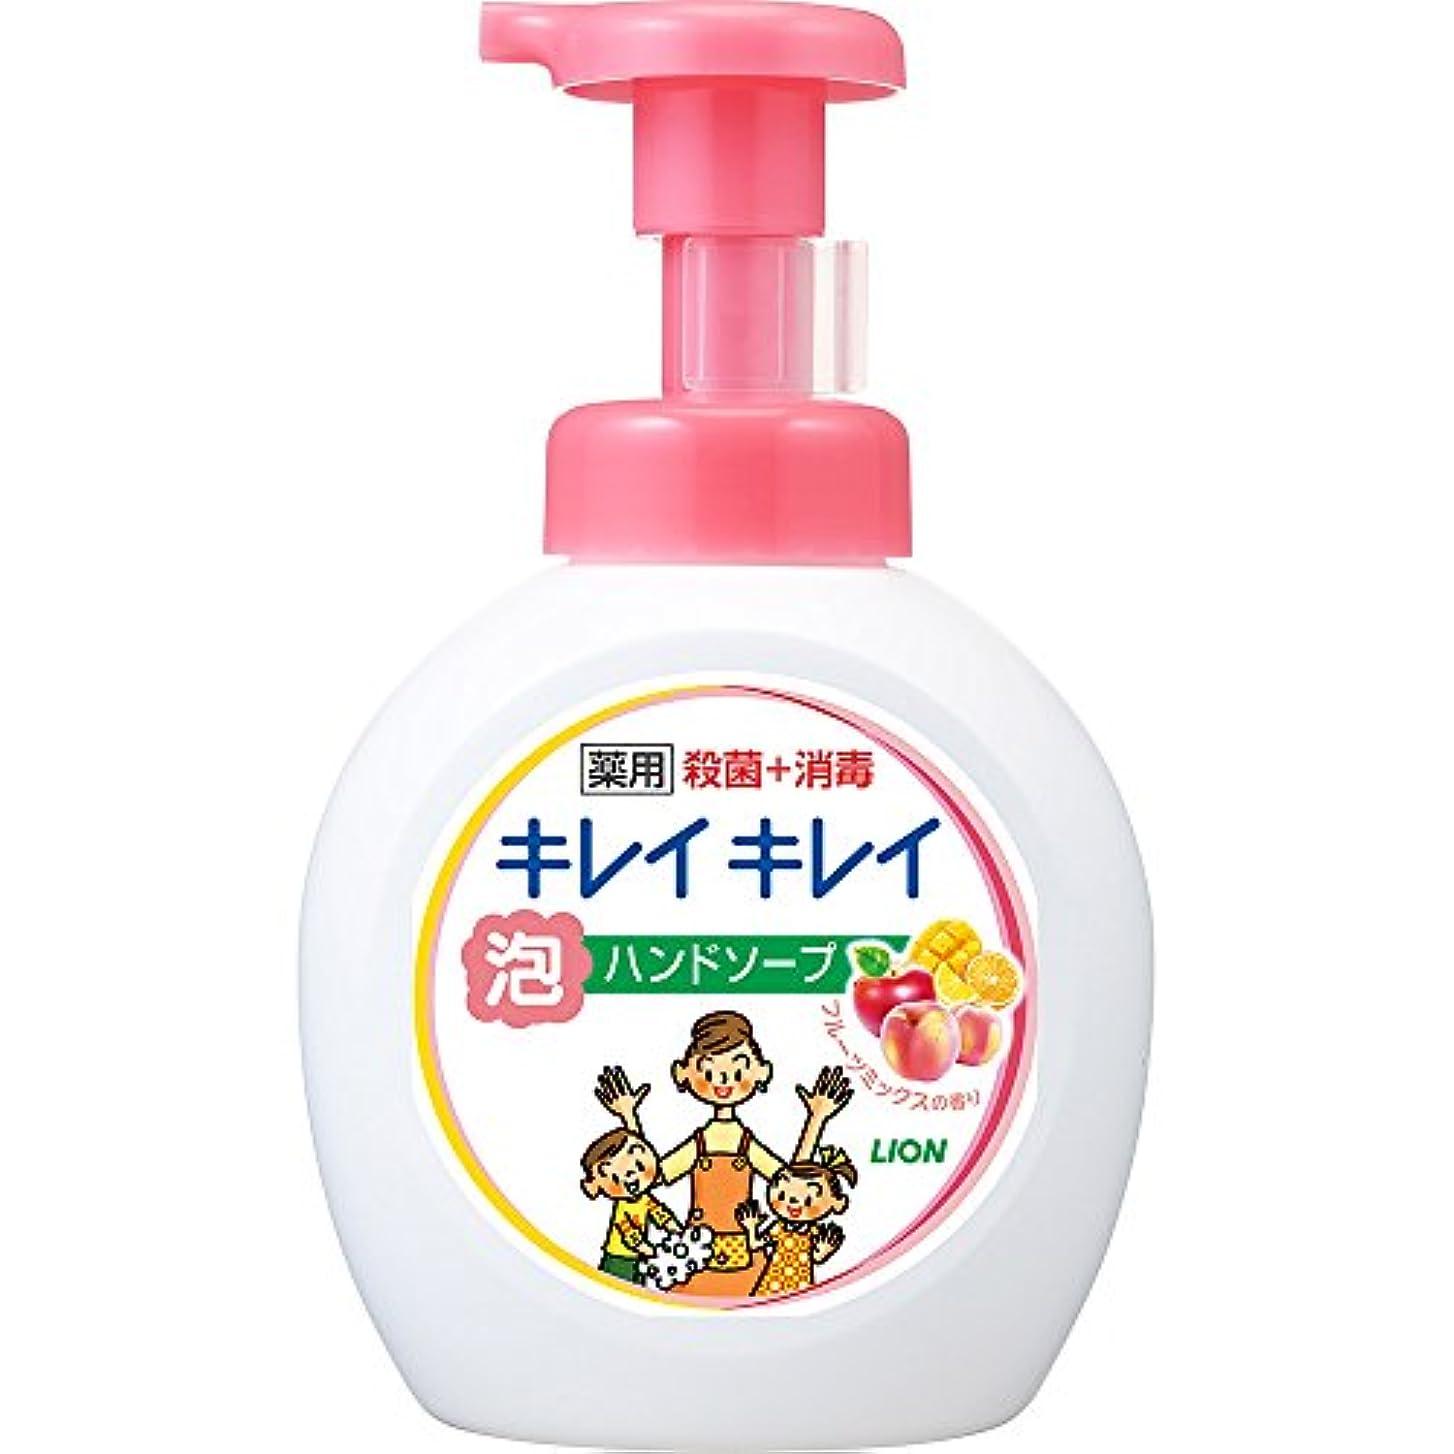 考古学者親愛なピンキレイキレイ 薬用 泡ハンドソープ フルーツミックスの香り 本体ポンプ 大型サイズ 500ml(医薬部外品)